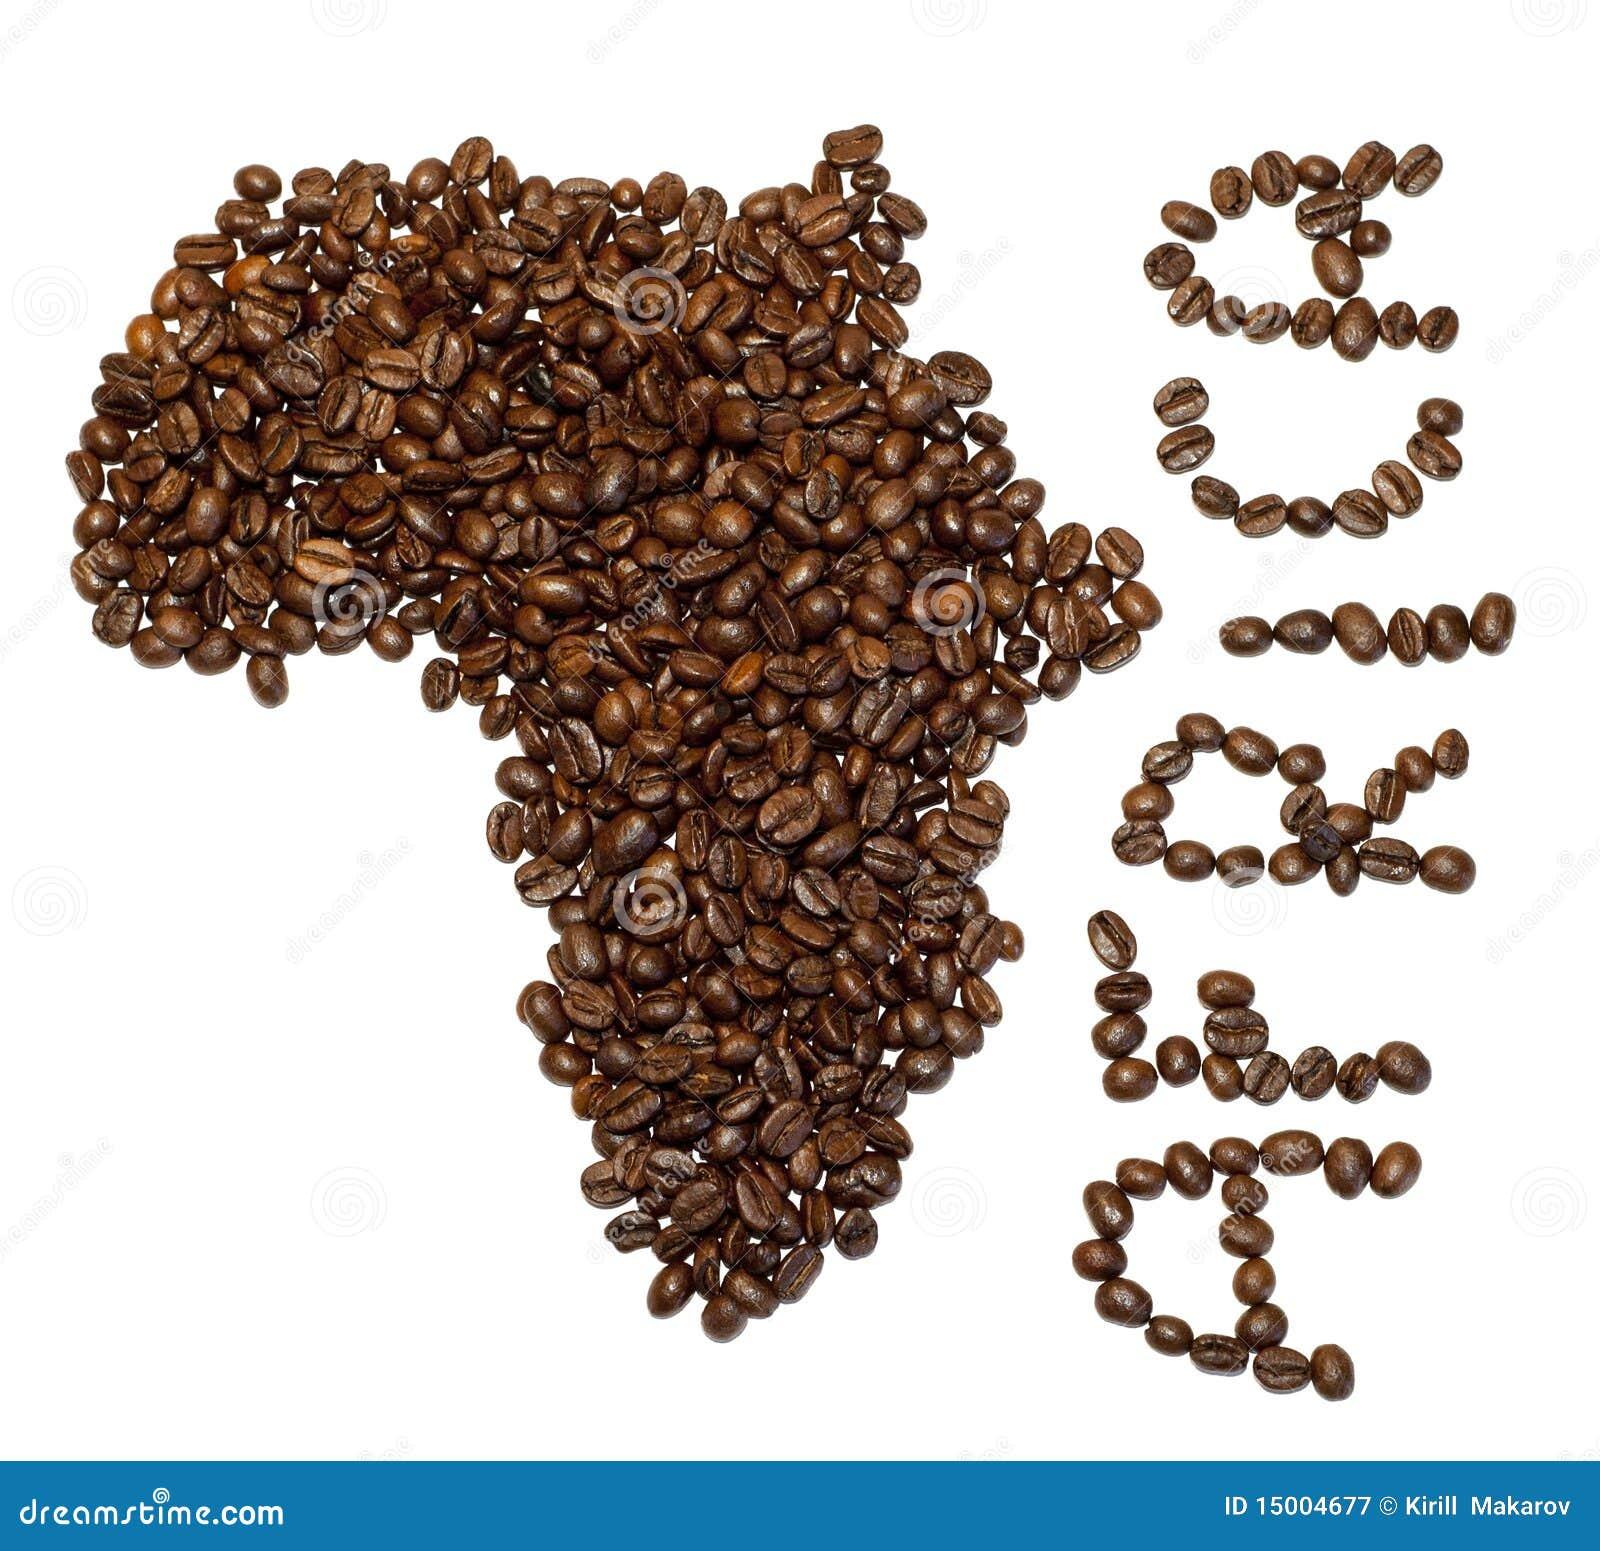 [Image: african-coffee-15004677.jpg]